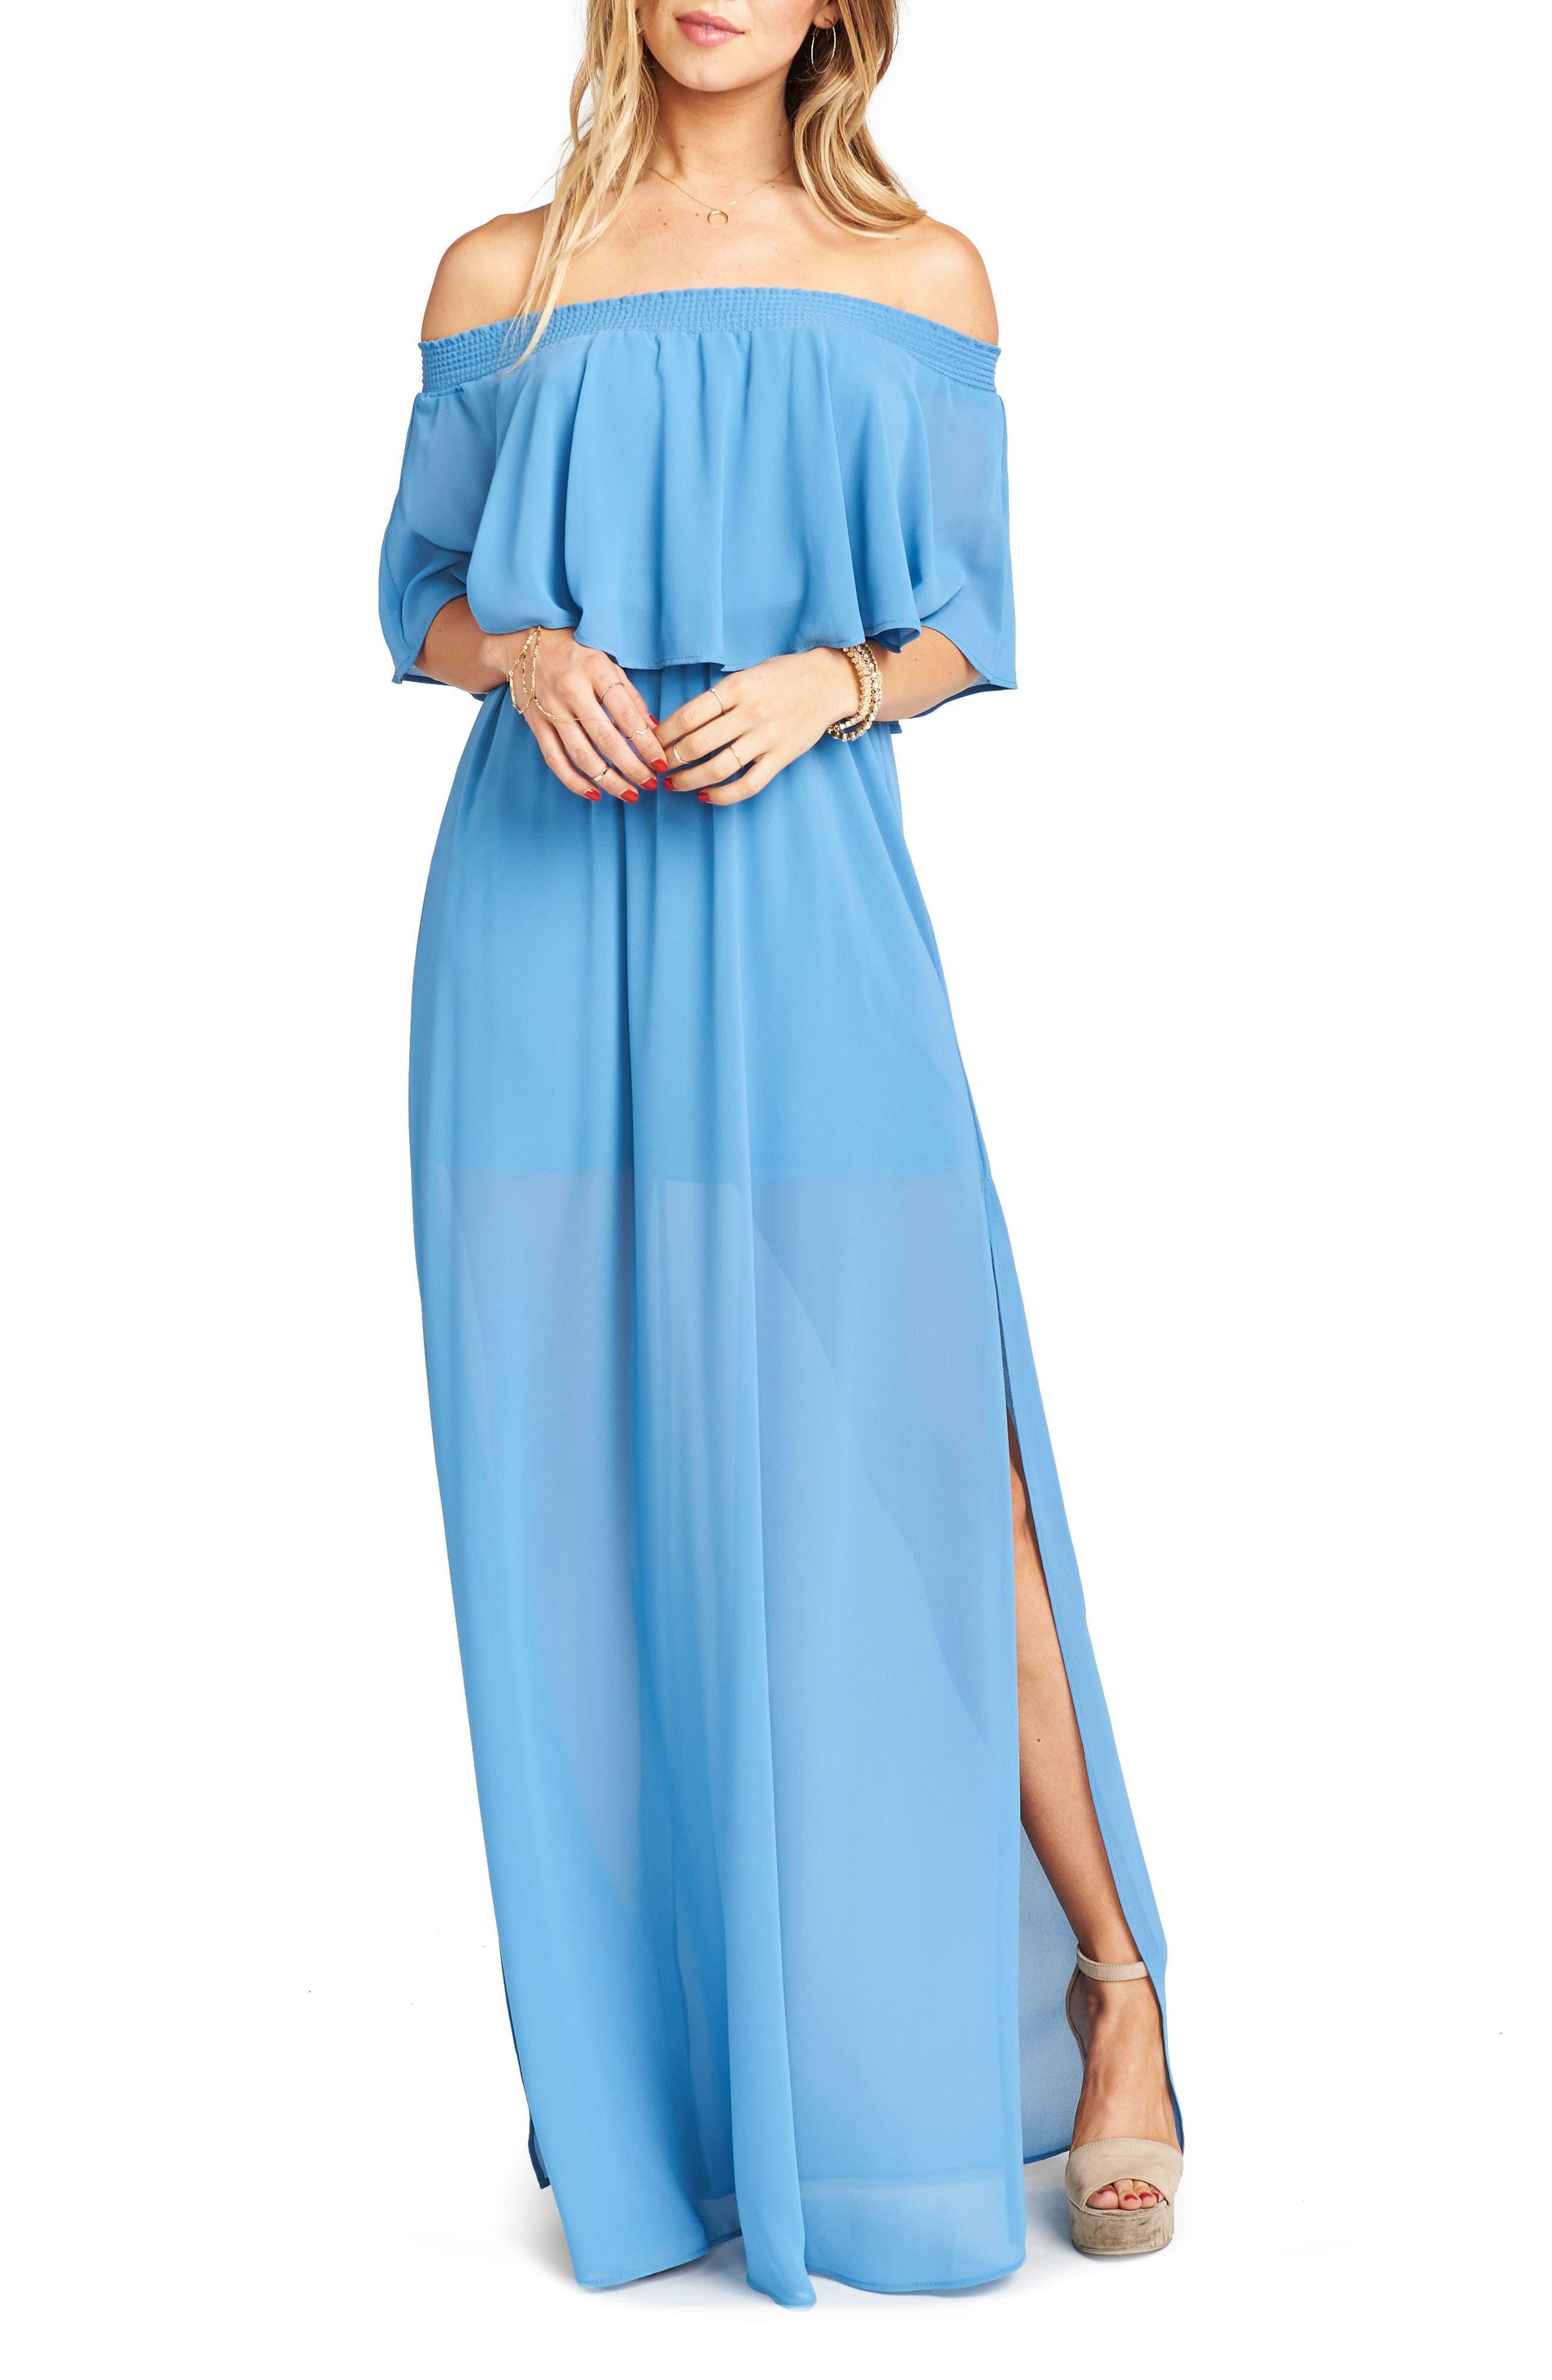 Strapless 2018 Prom Dresses | Nordstrom